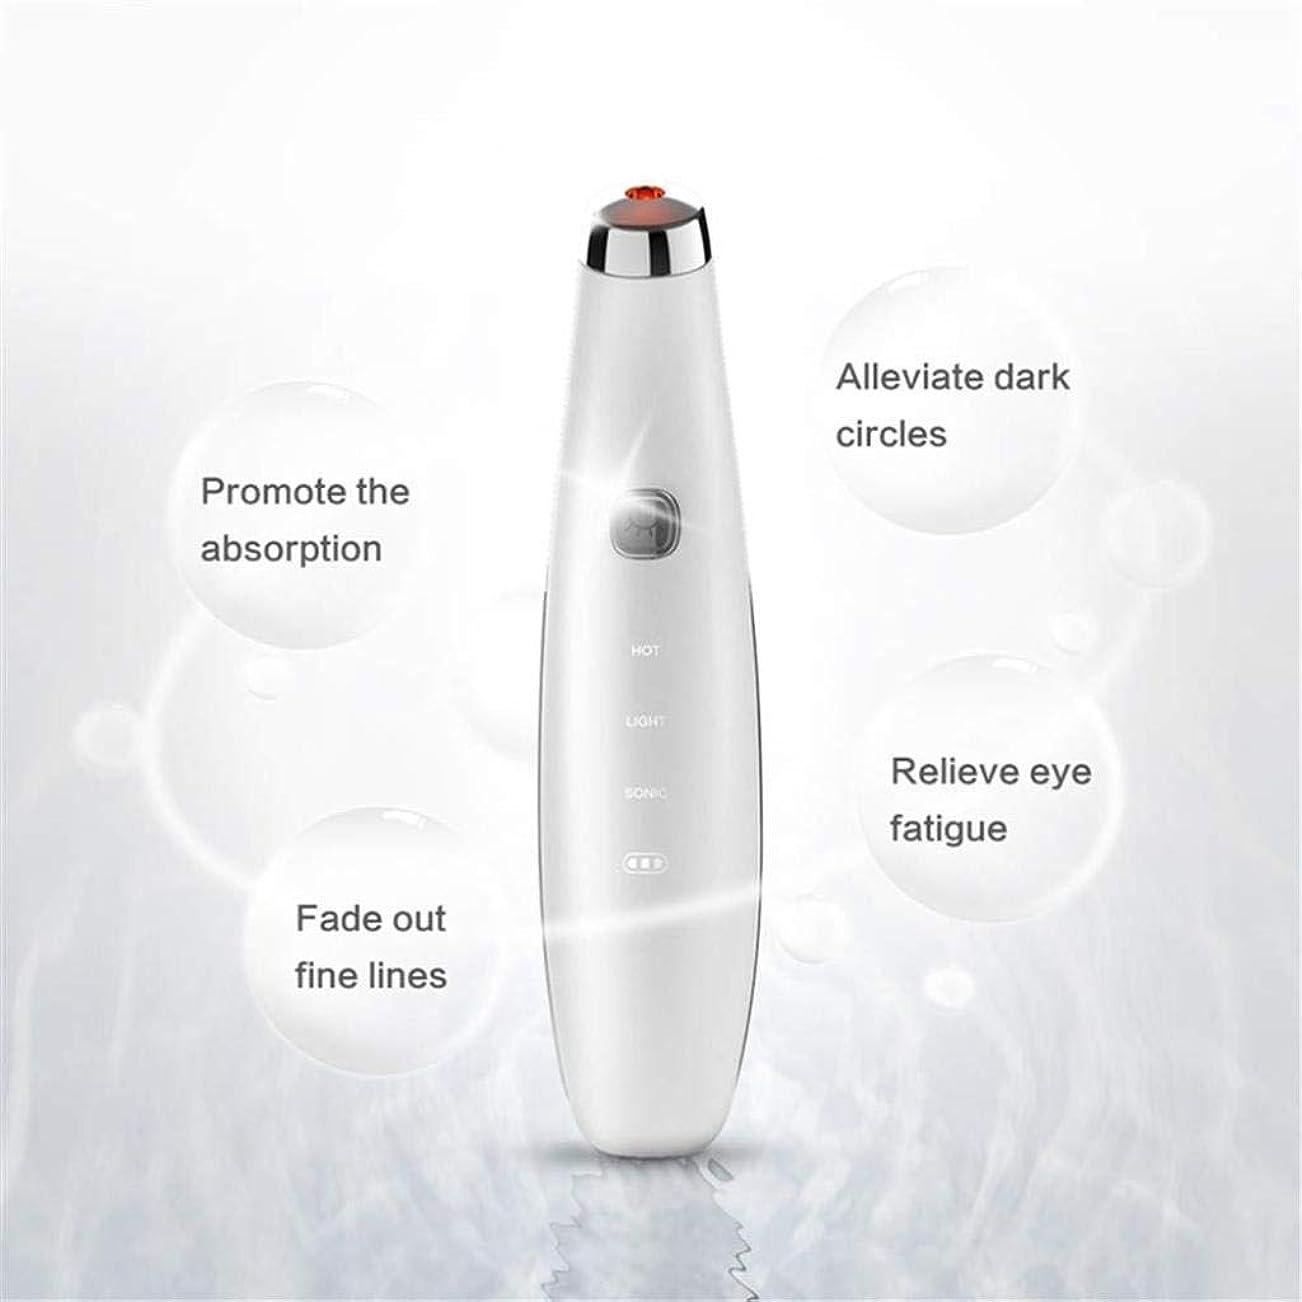 どちらか第二ゴミ箱アイマッサージャー、磁気アンチエイジングフェイシャルマッサージ、42°恒温熱処理、肌を引き締め、ダークサークルを改善し、目の下の袋、鈍い肌